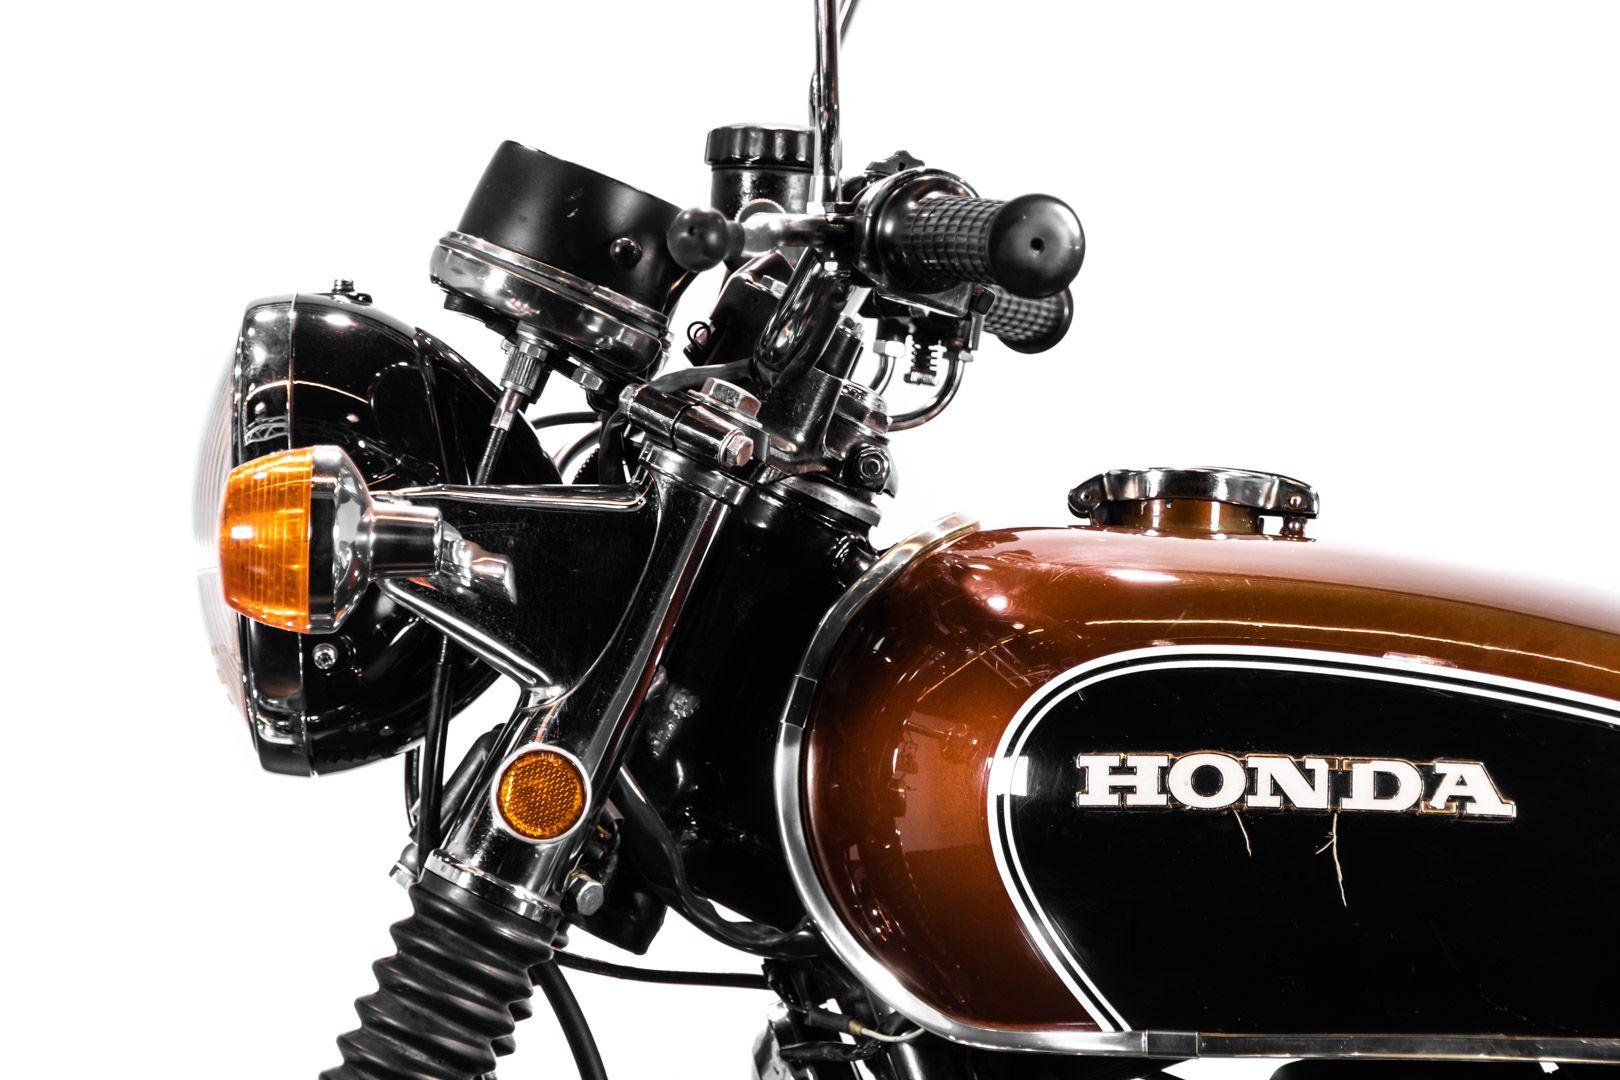 1972 Honda CB 500 Four 84079